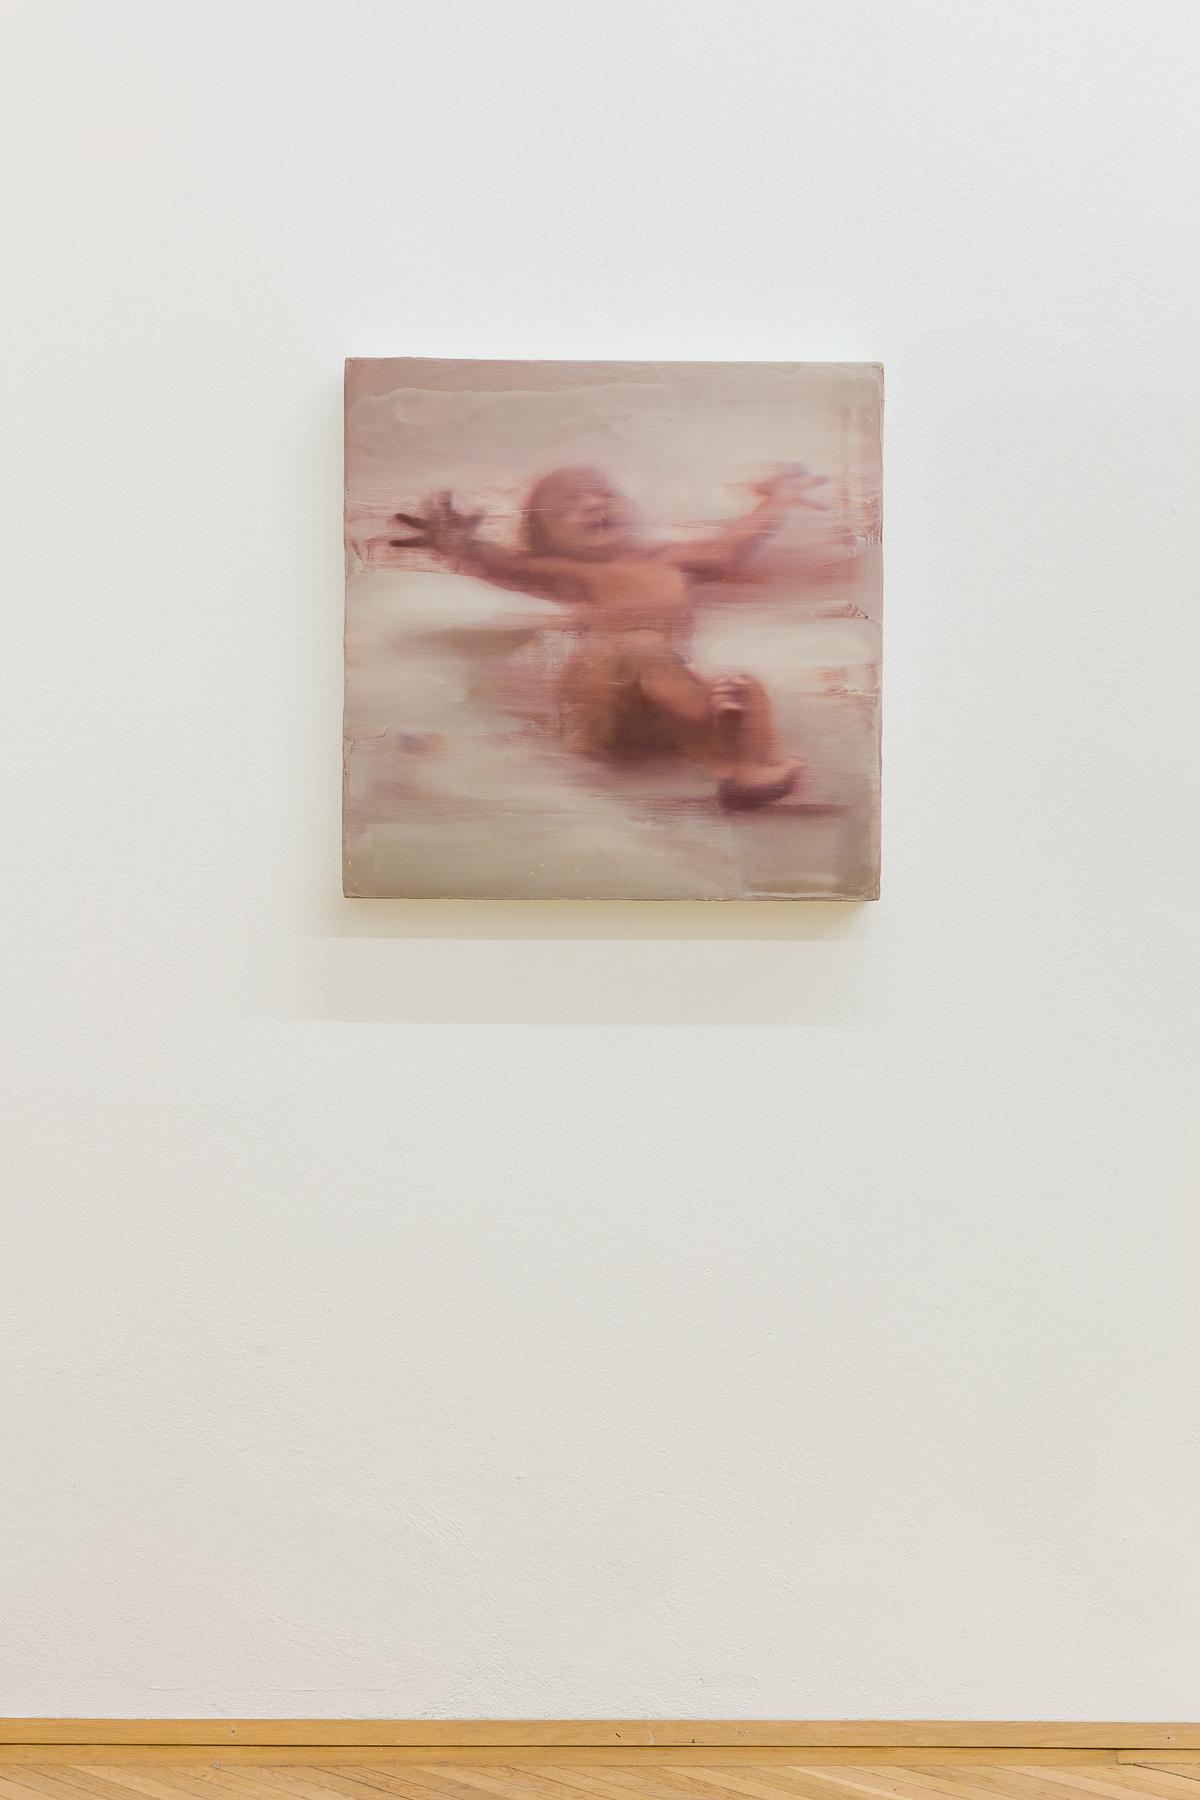 2019_03_13_Groupshow_Felix-Gaudlitz_kunst-dokumentation-com_030_web.jpg